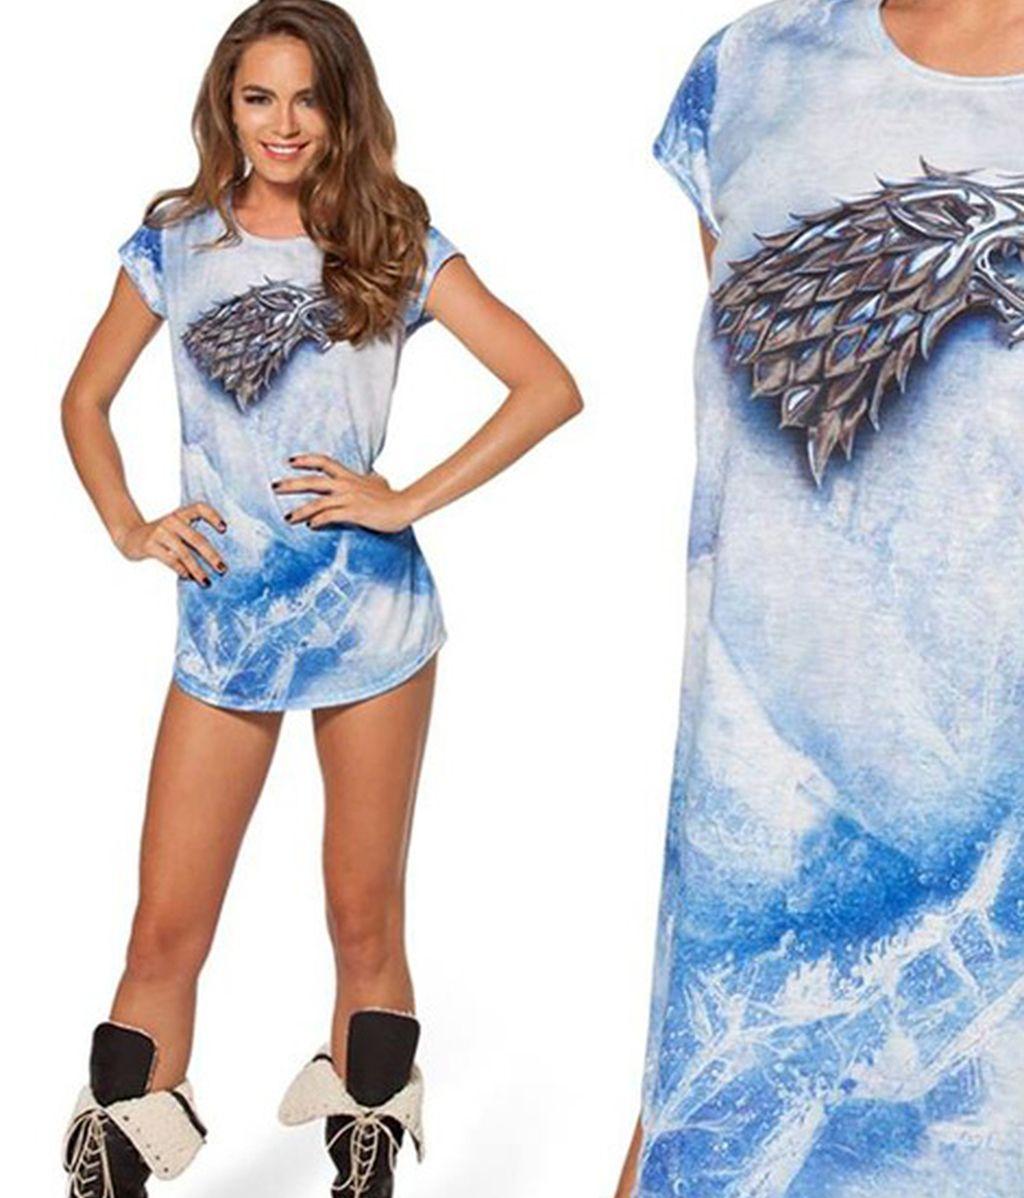 Camisetas, 'leggins' y vestidos forman parte del amplio 'merchandising' de la serie